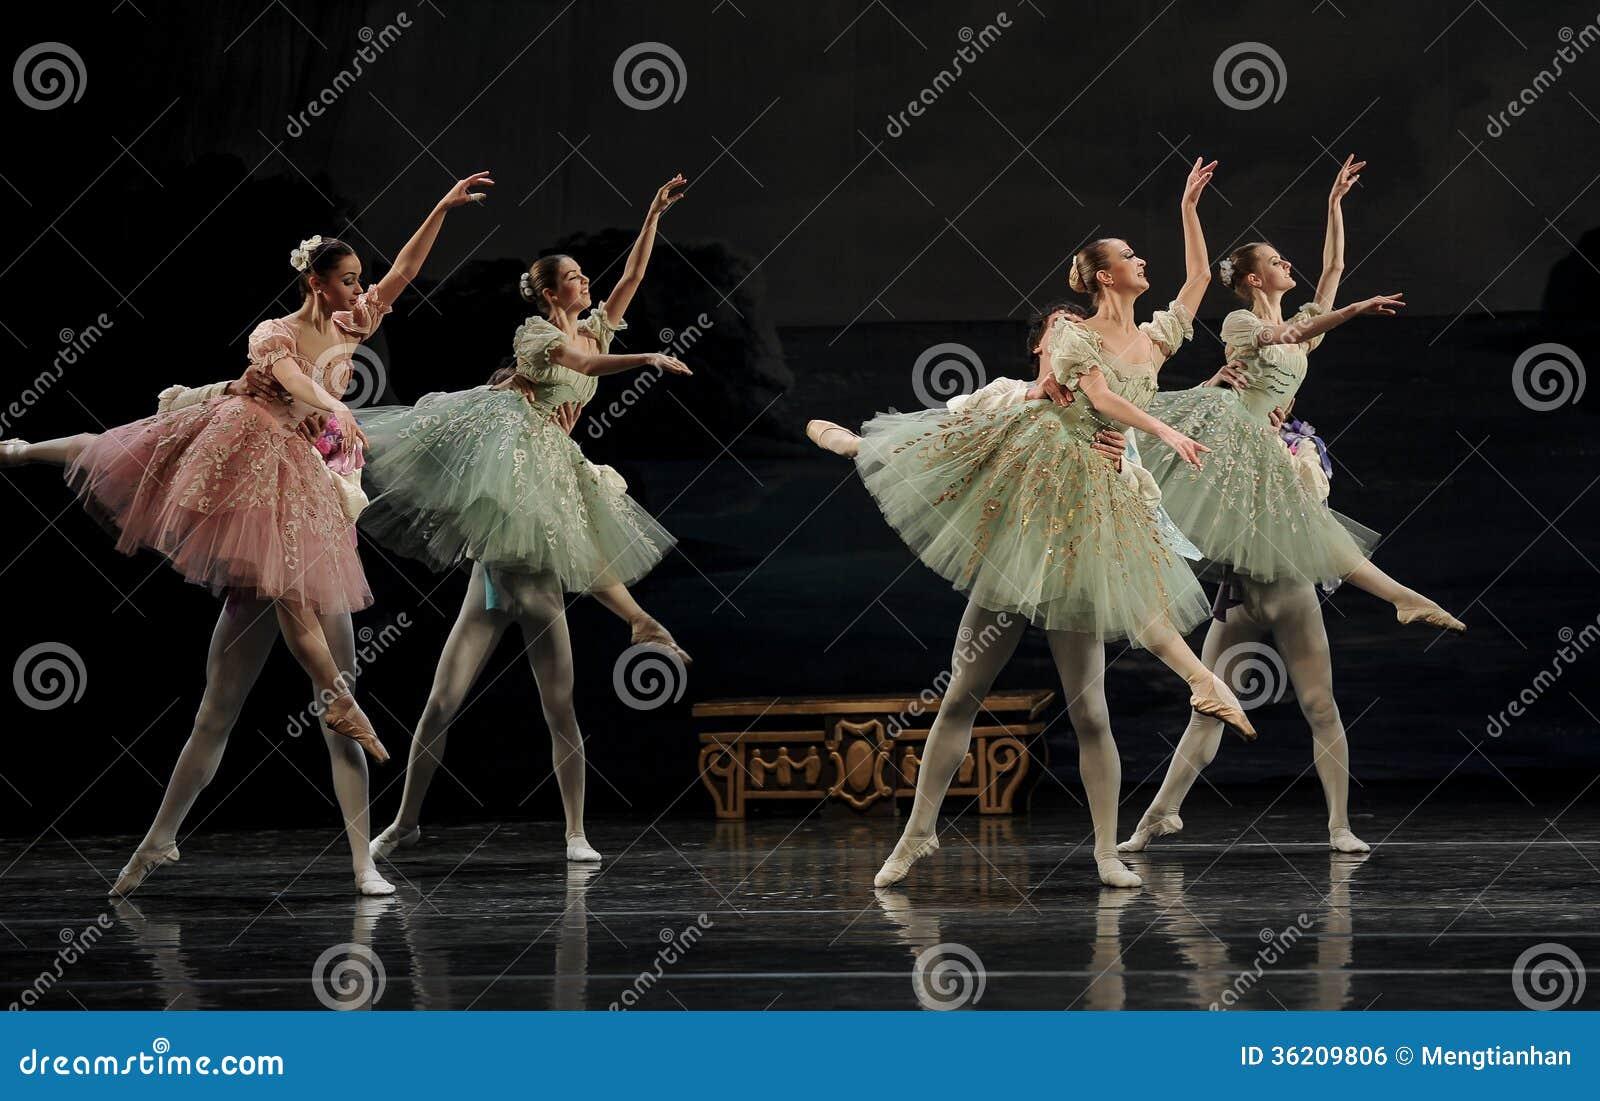 Ballet actor